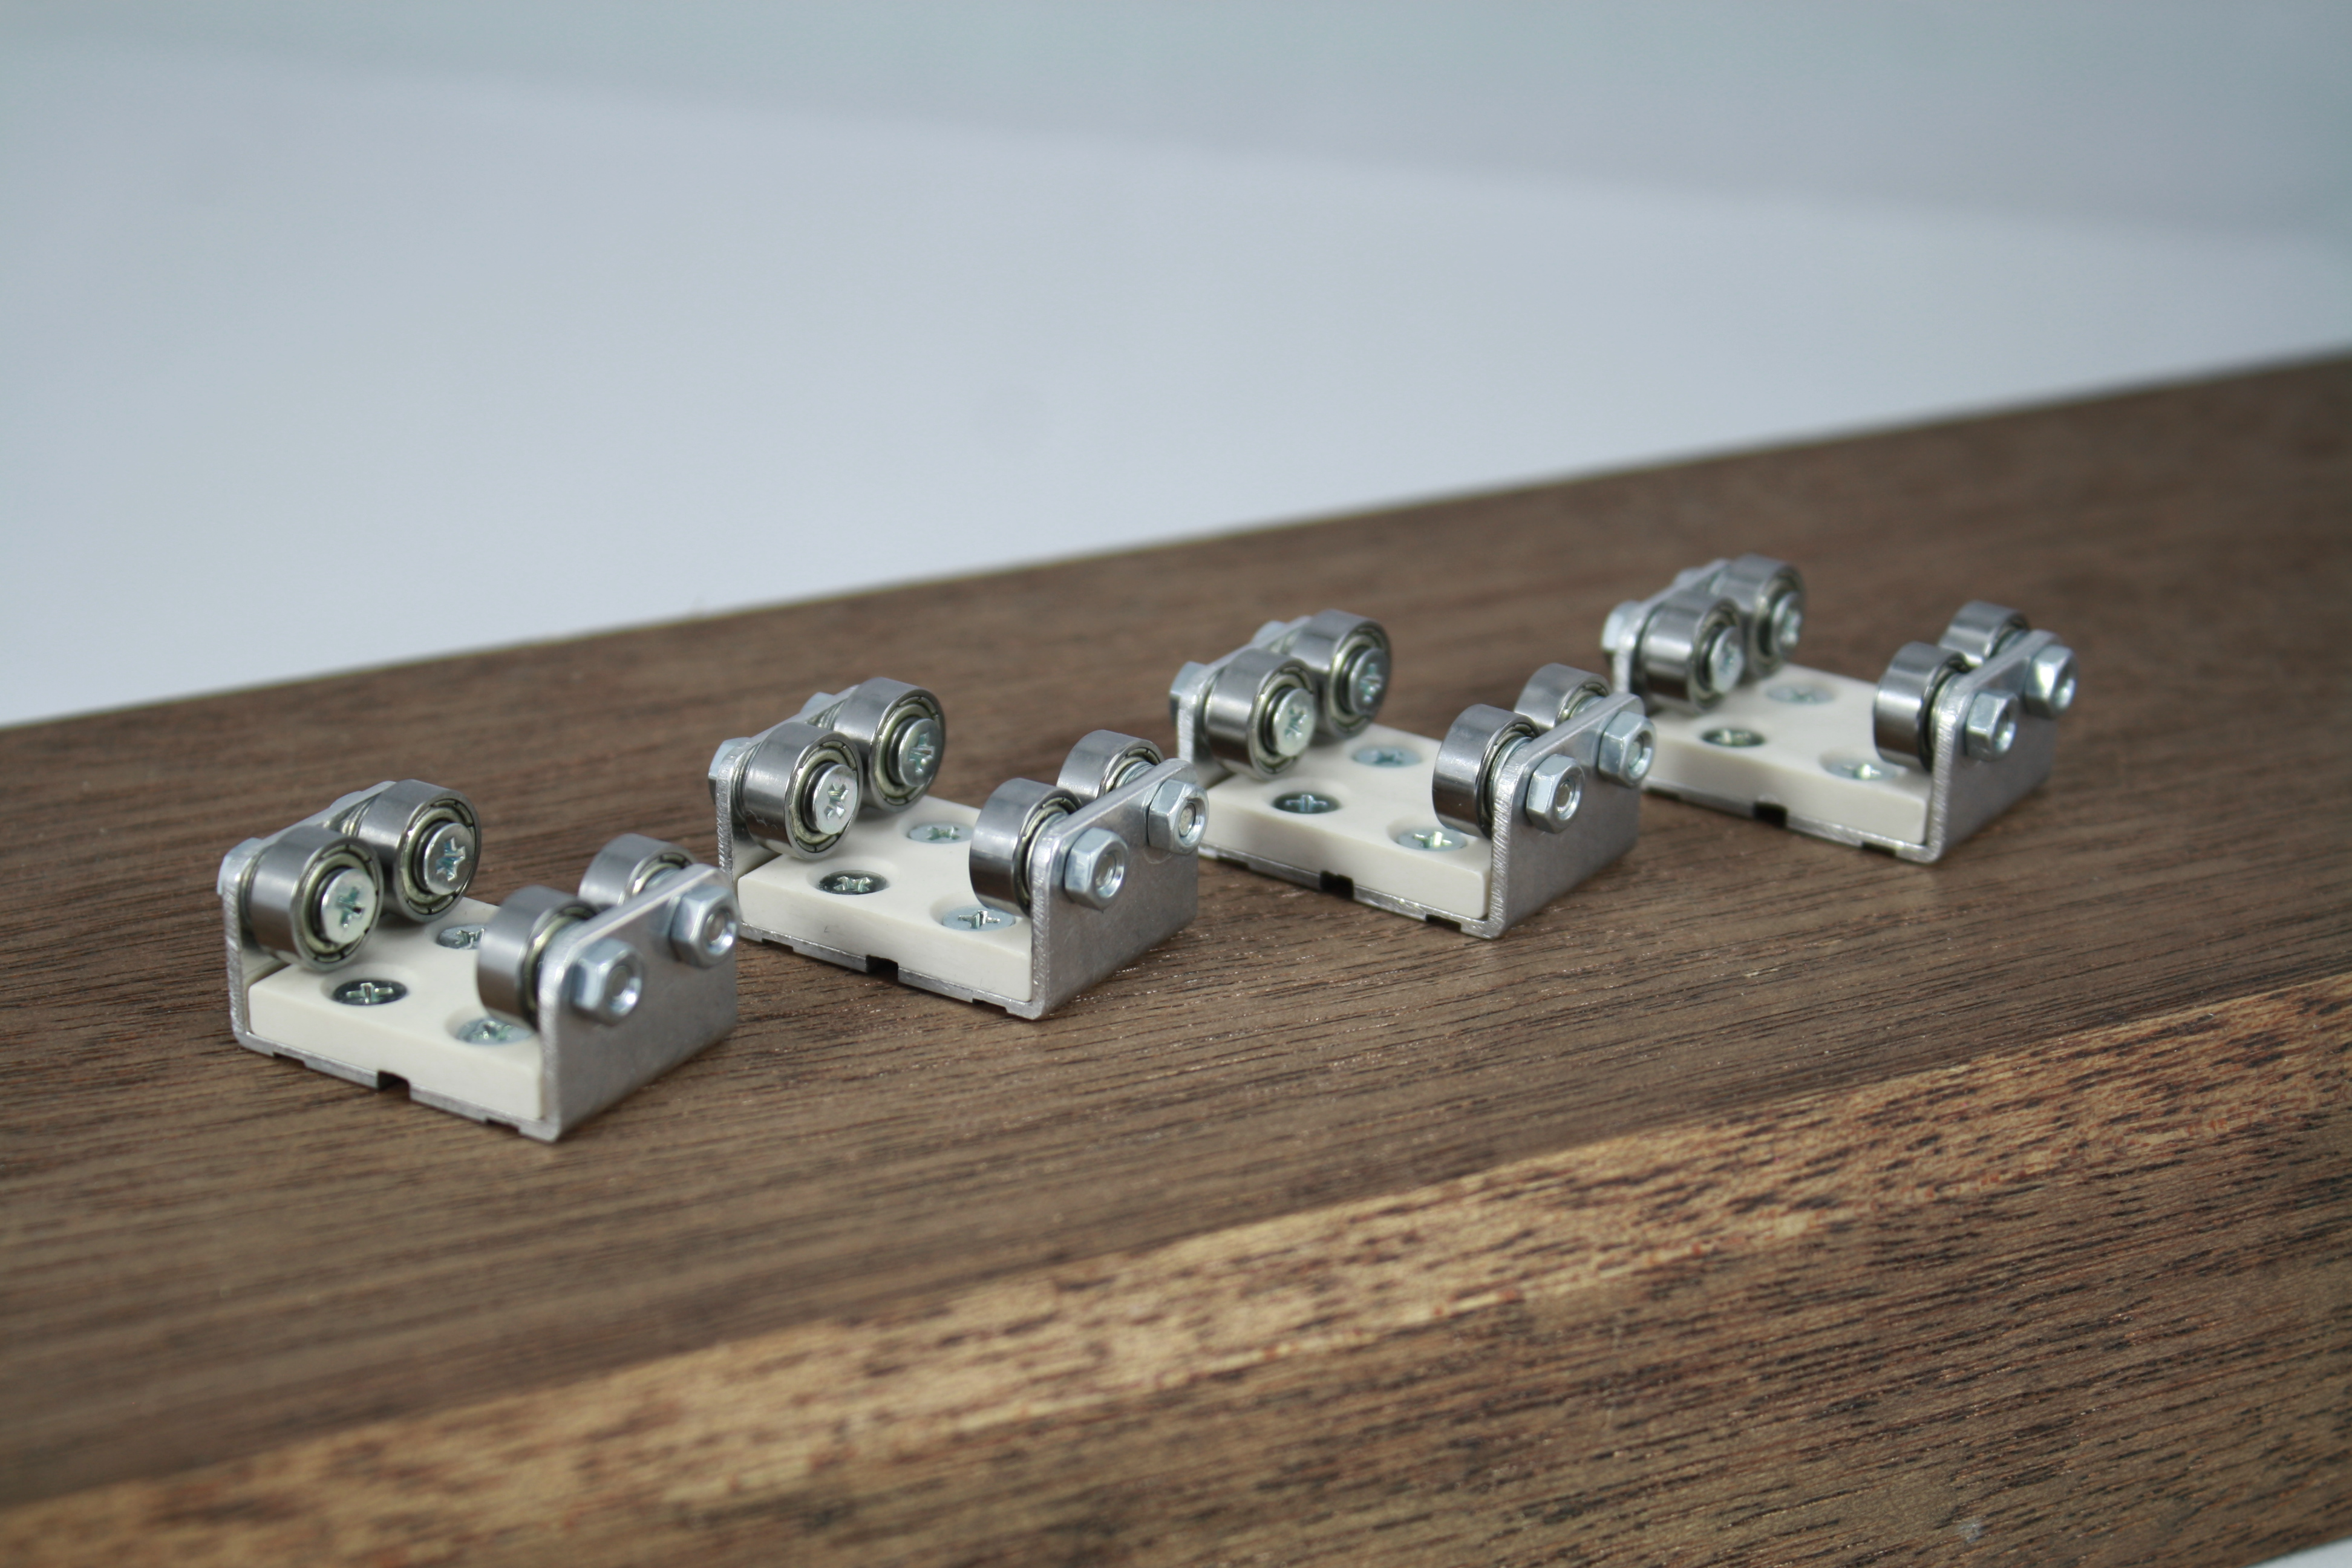 zwei Gleisrollenböcke Rollenprüfstand Gleichstrom Spur 1 DC